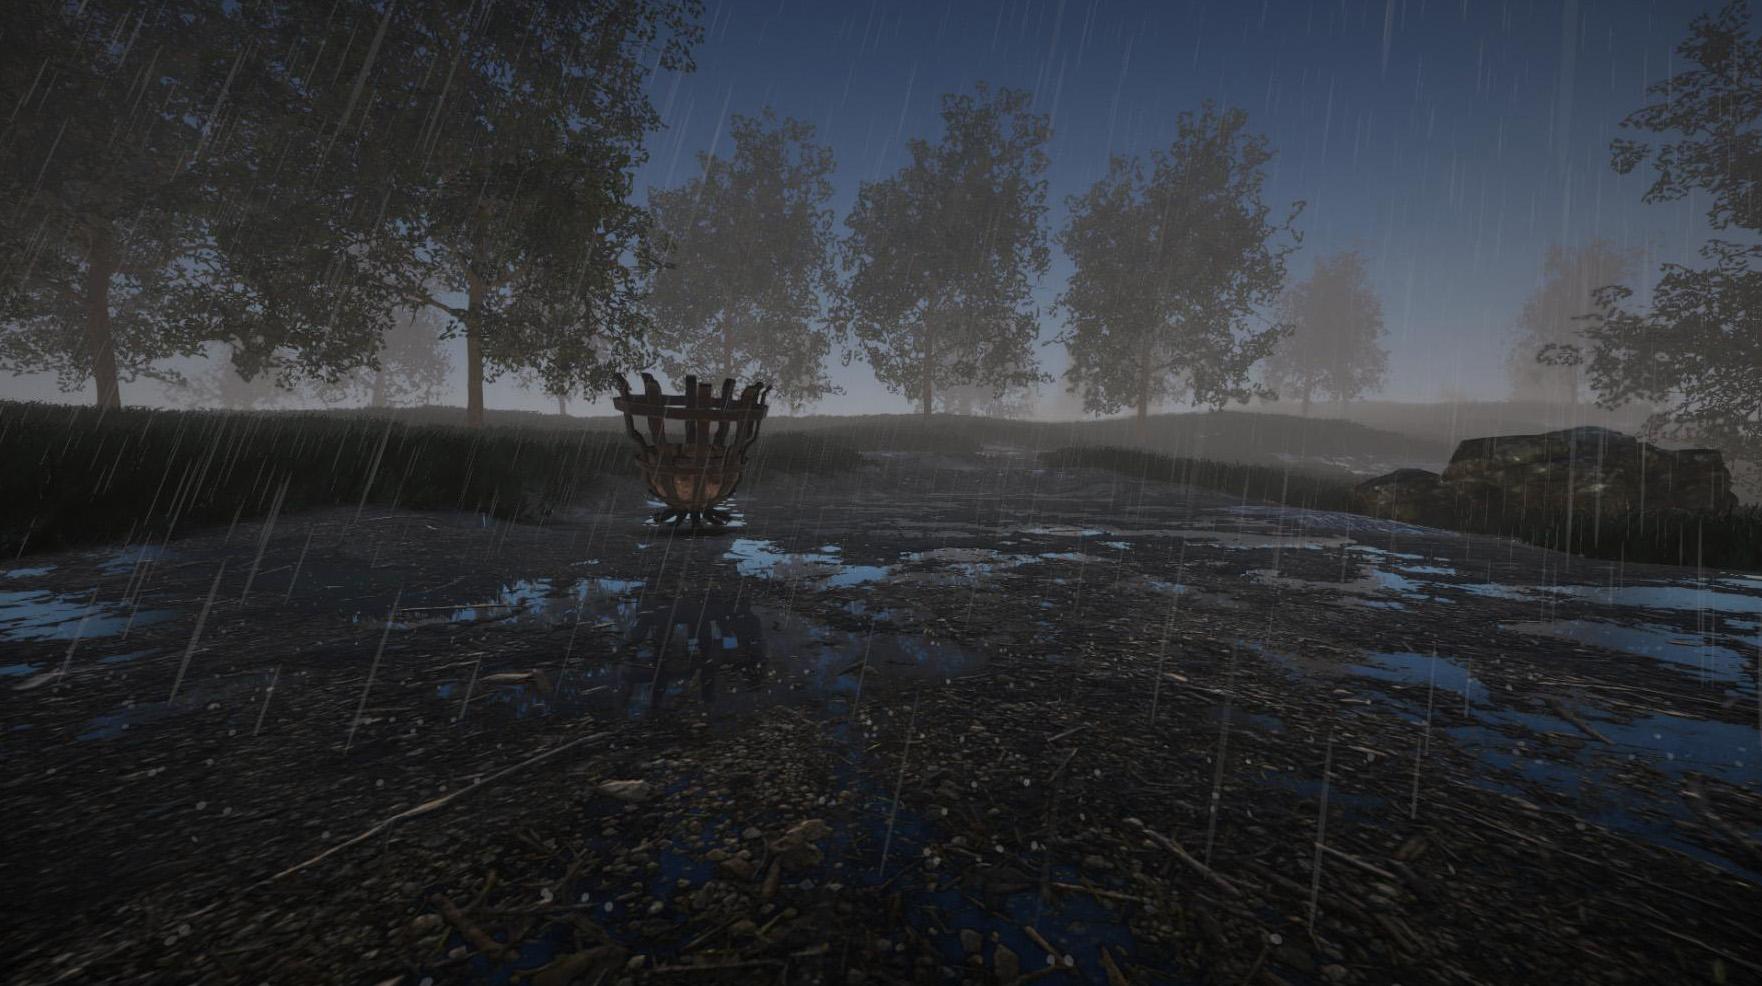 rain-puddles.jpg